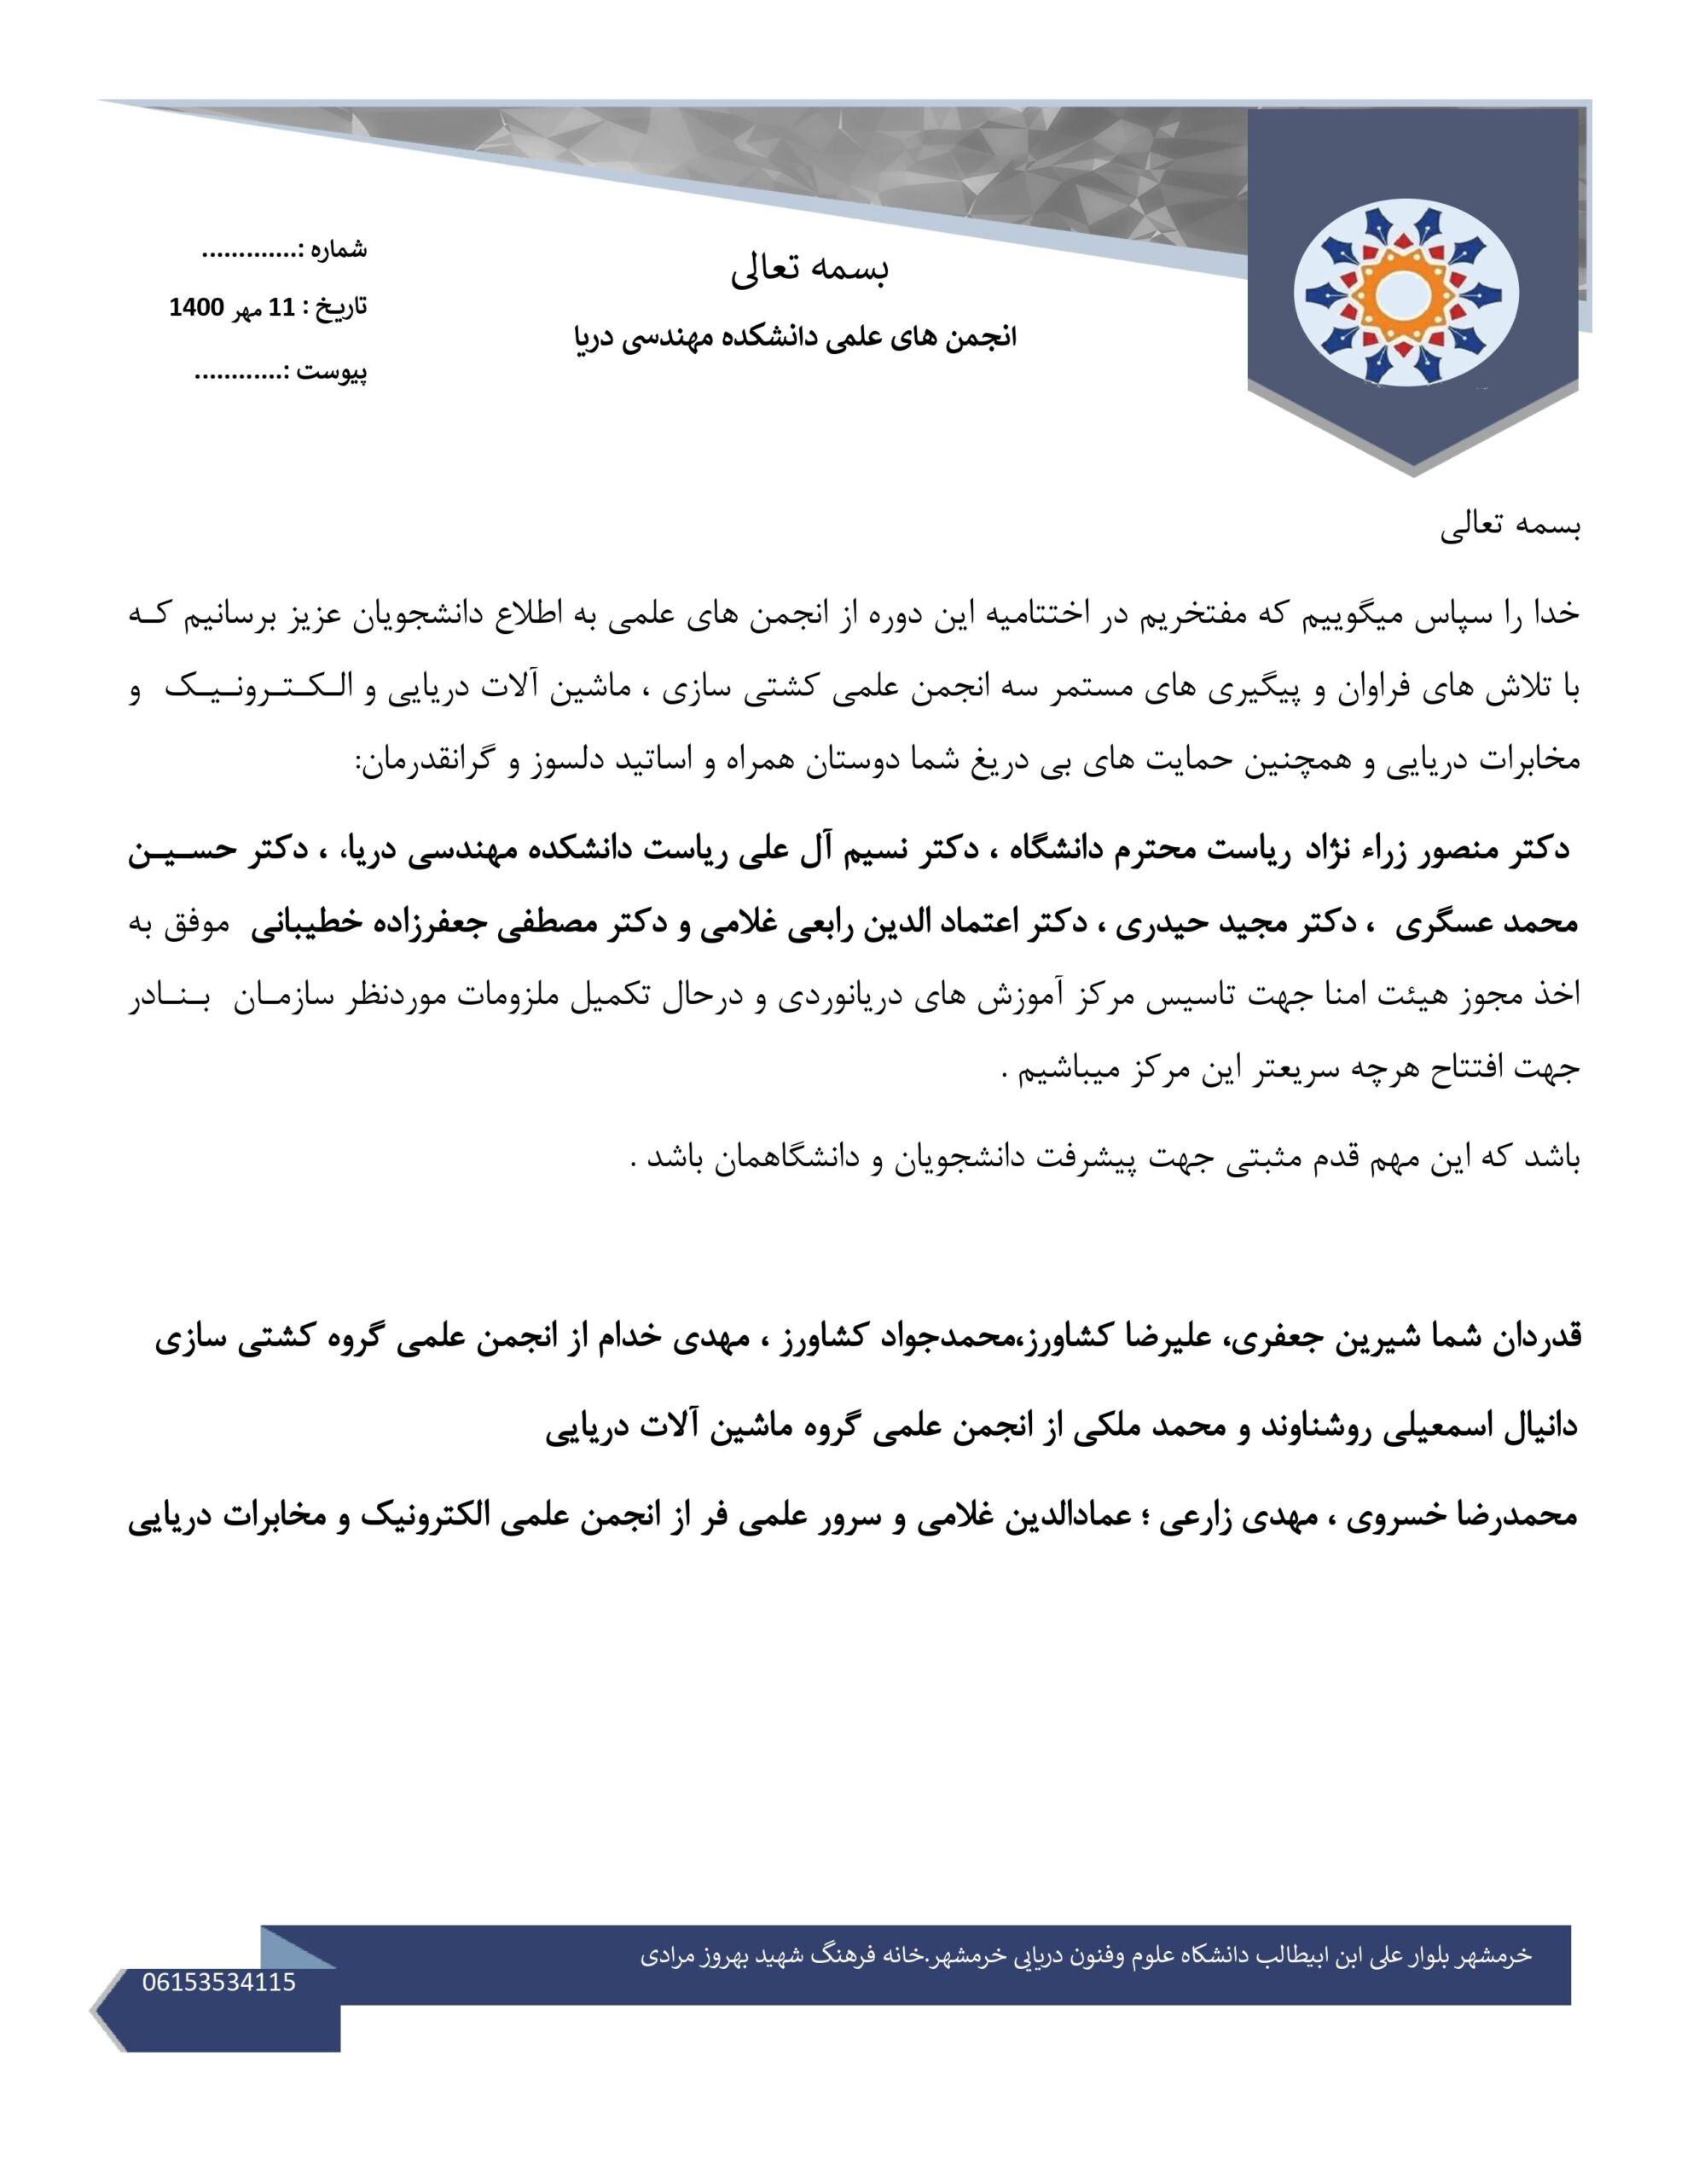 مجوز تاسیس مرکز  آموزشهای دریانوردی در دانشگاه علوم و فنون دریایی خرمشهر